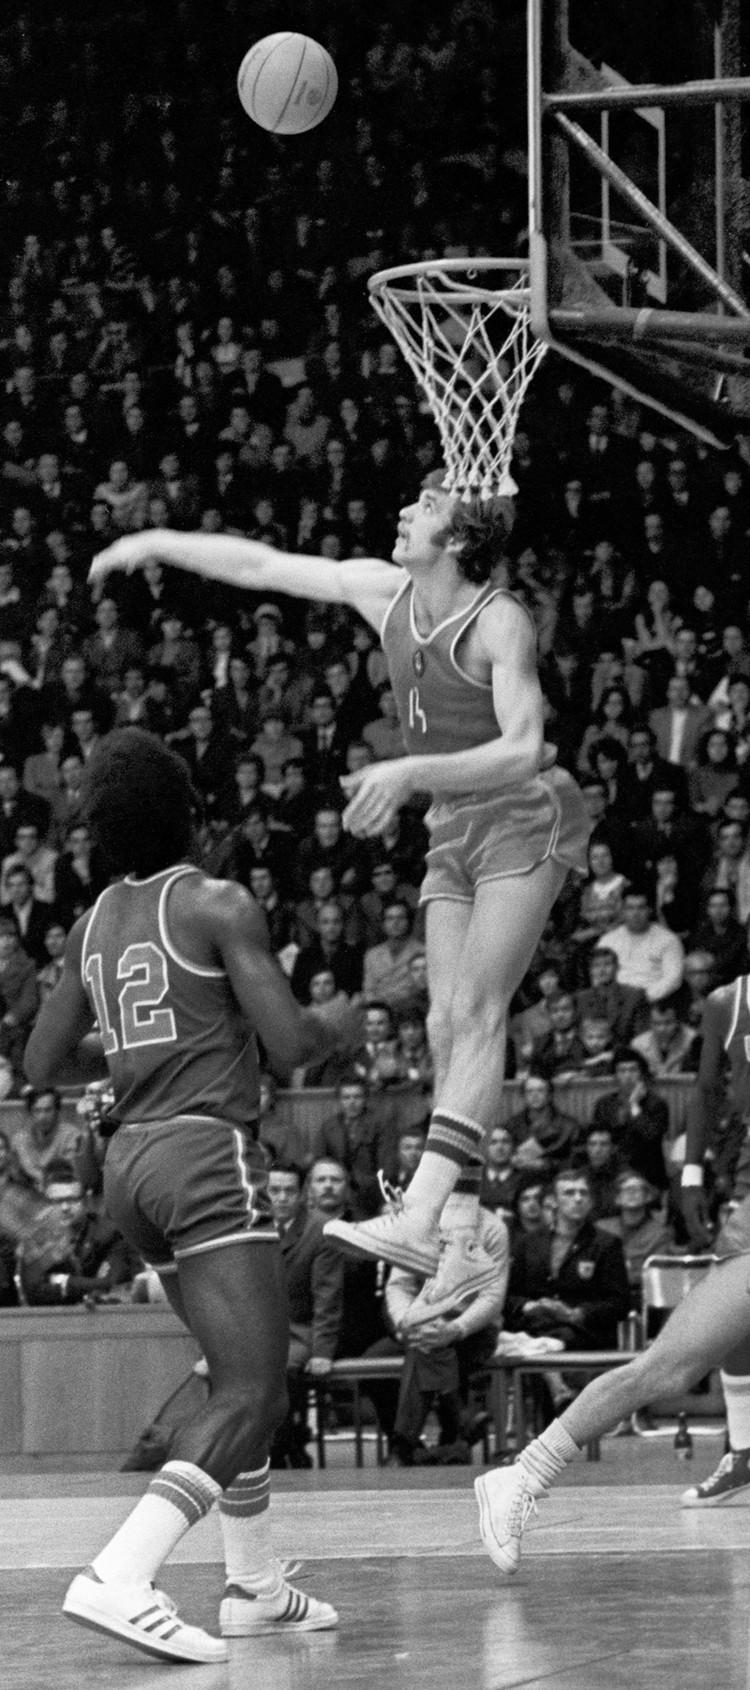 Александр Белов один из самых талантливых игроков нашего баскетбола